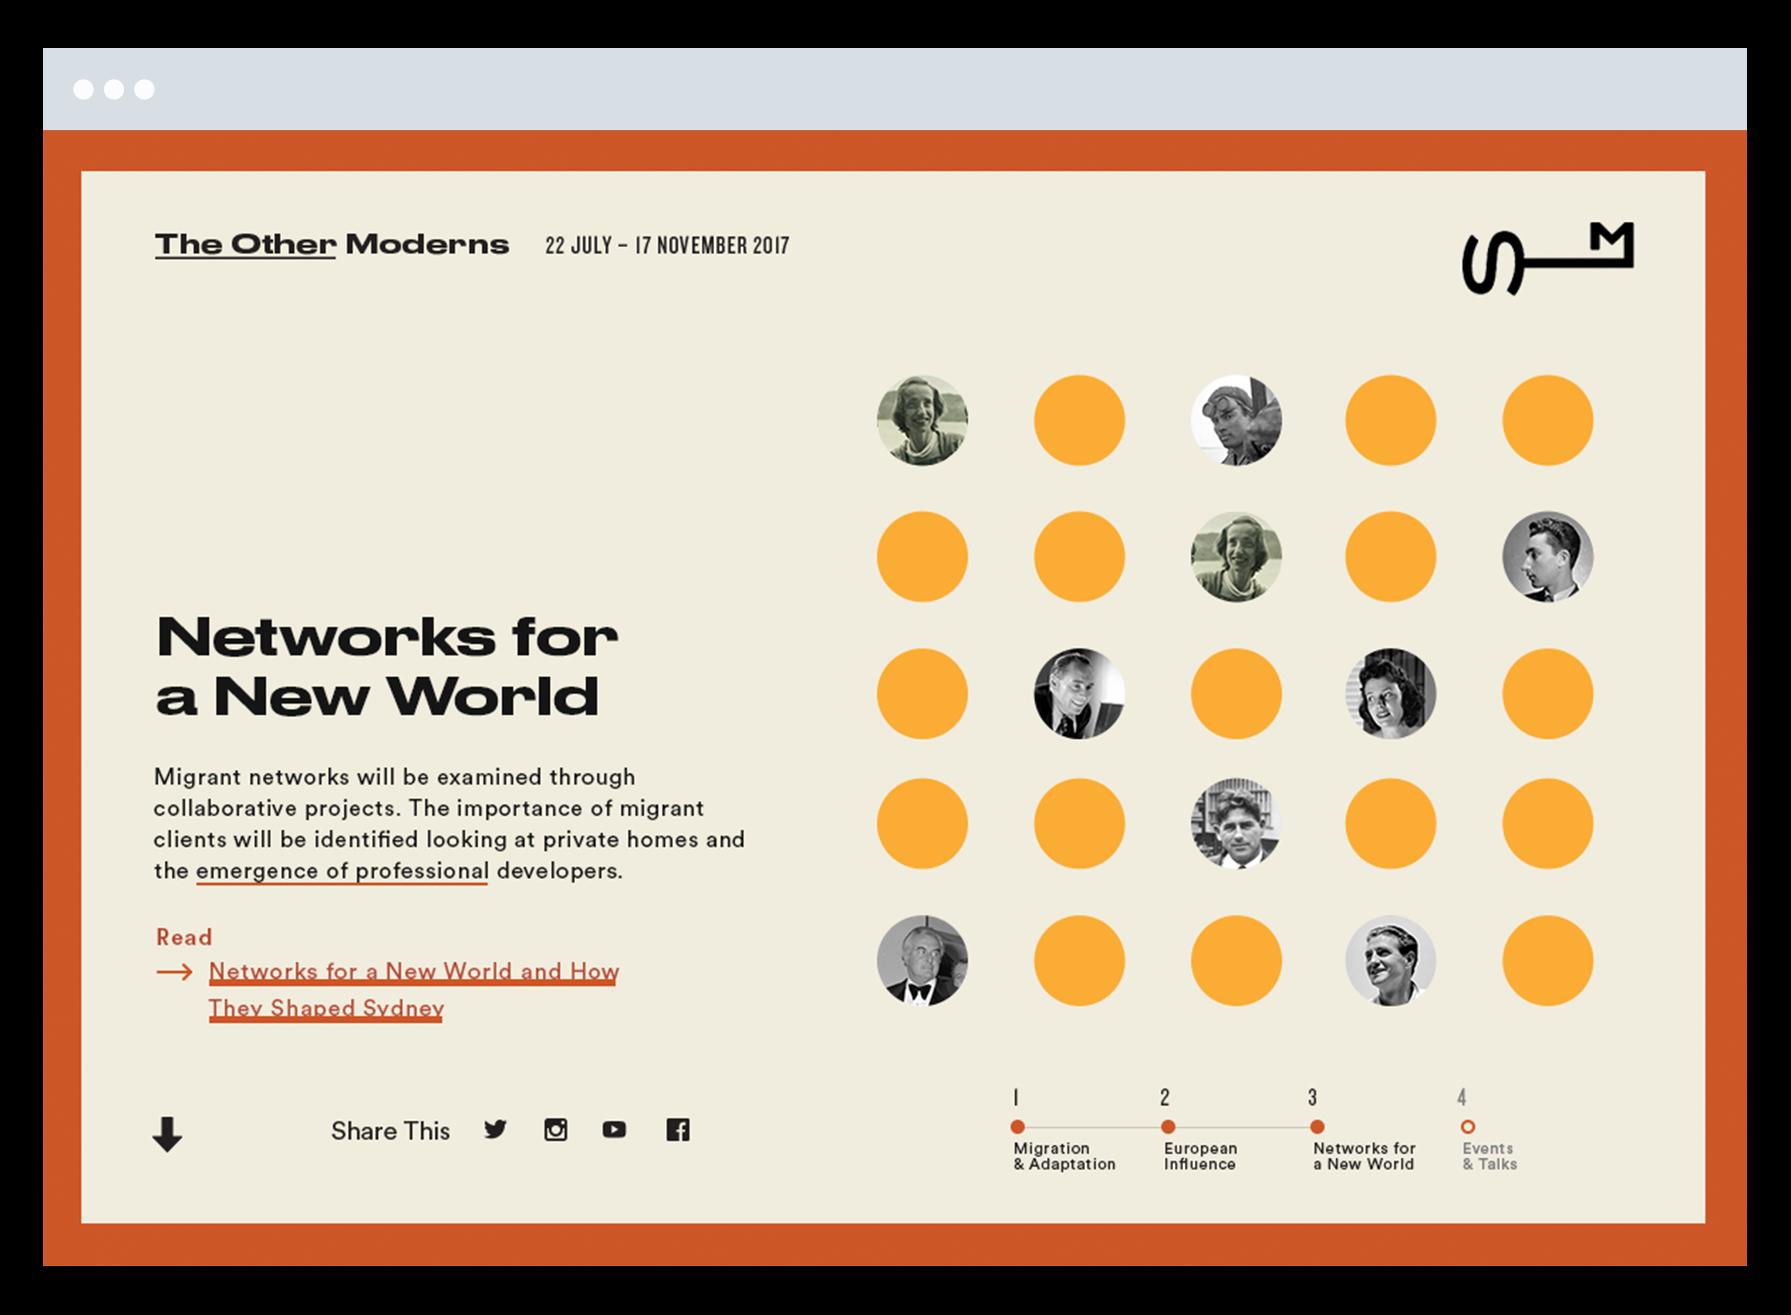 theothermoderns-website-design